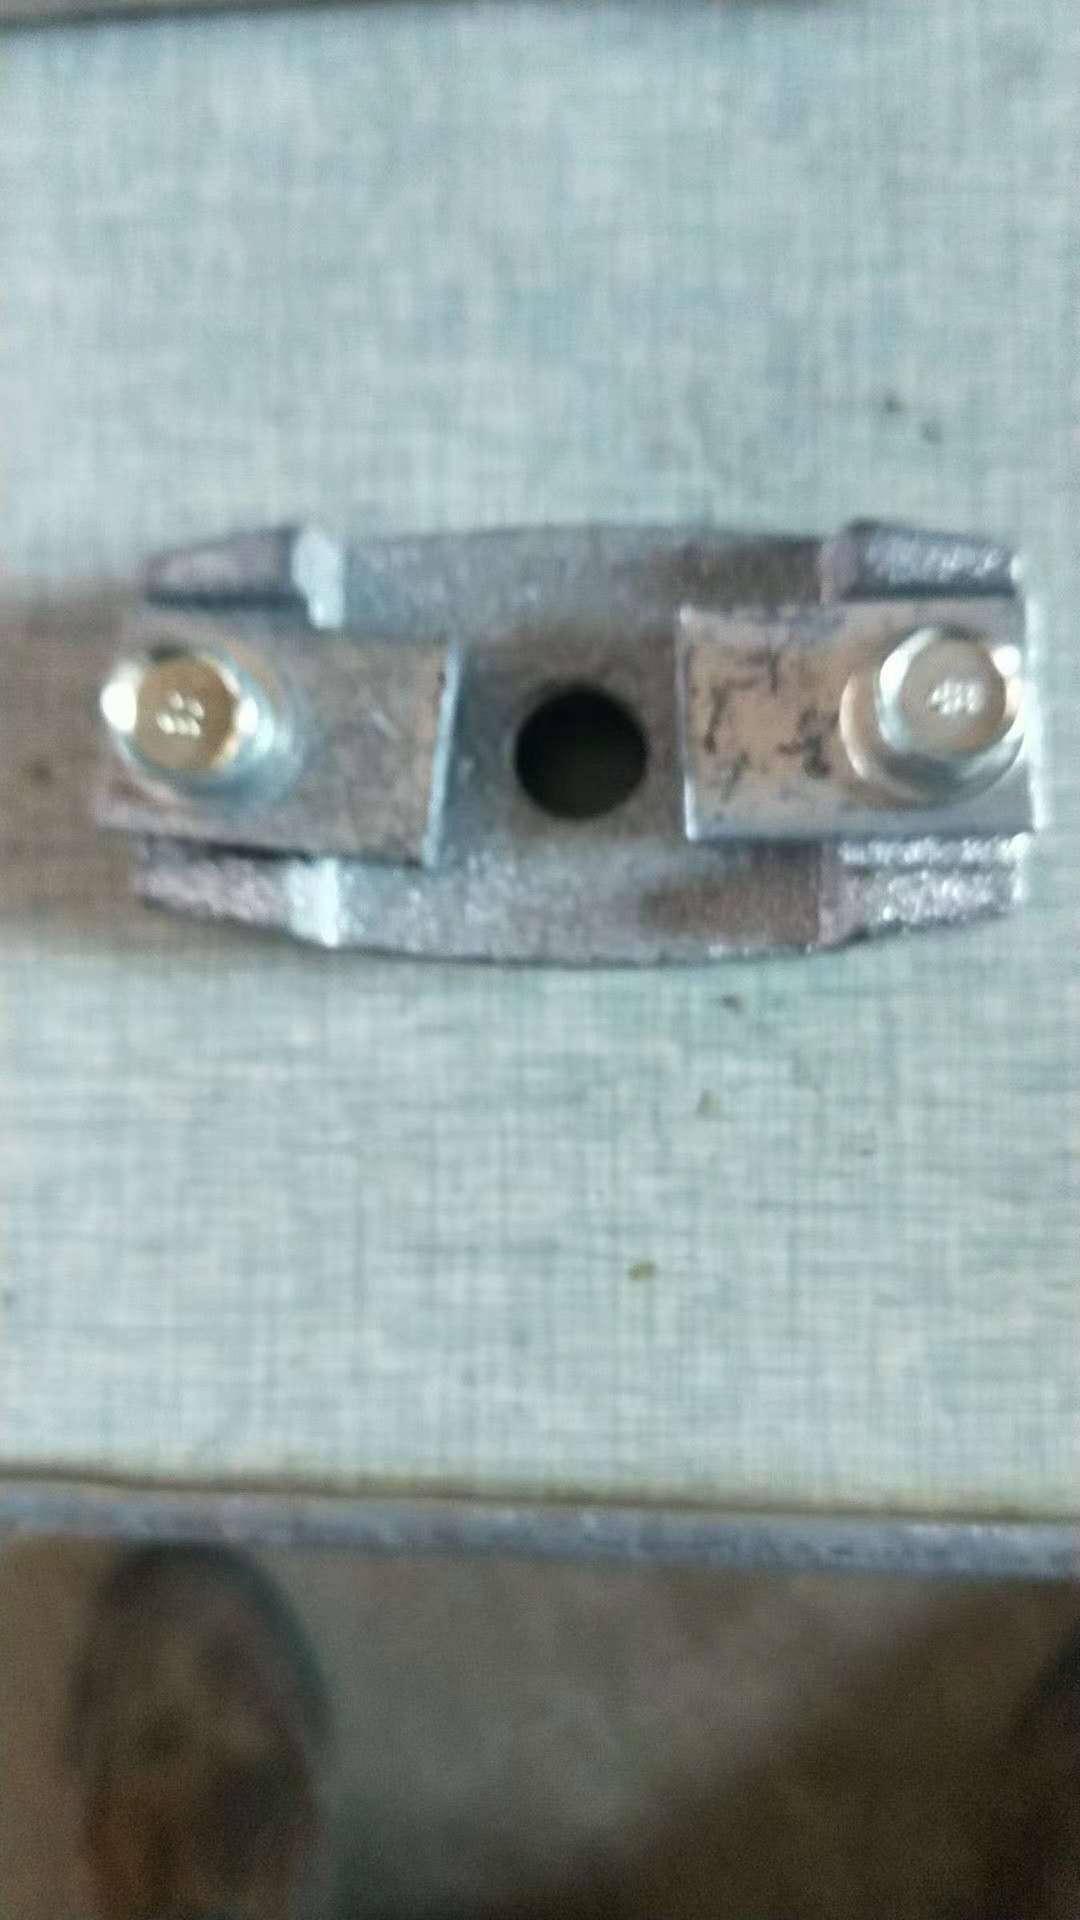 铸钢夹板 HYLG-1,55mm*55mm,材质DMC及铸钢件,精密铸造